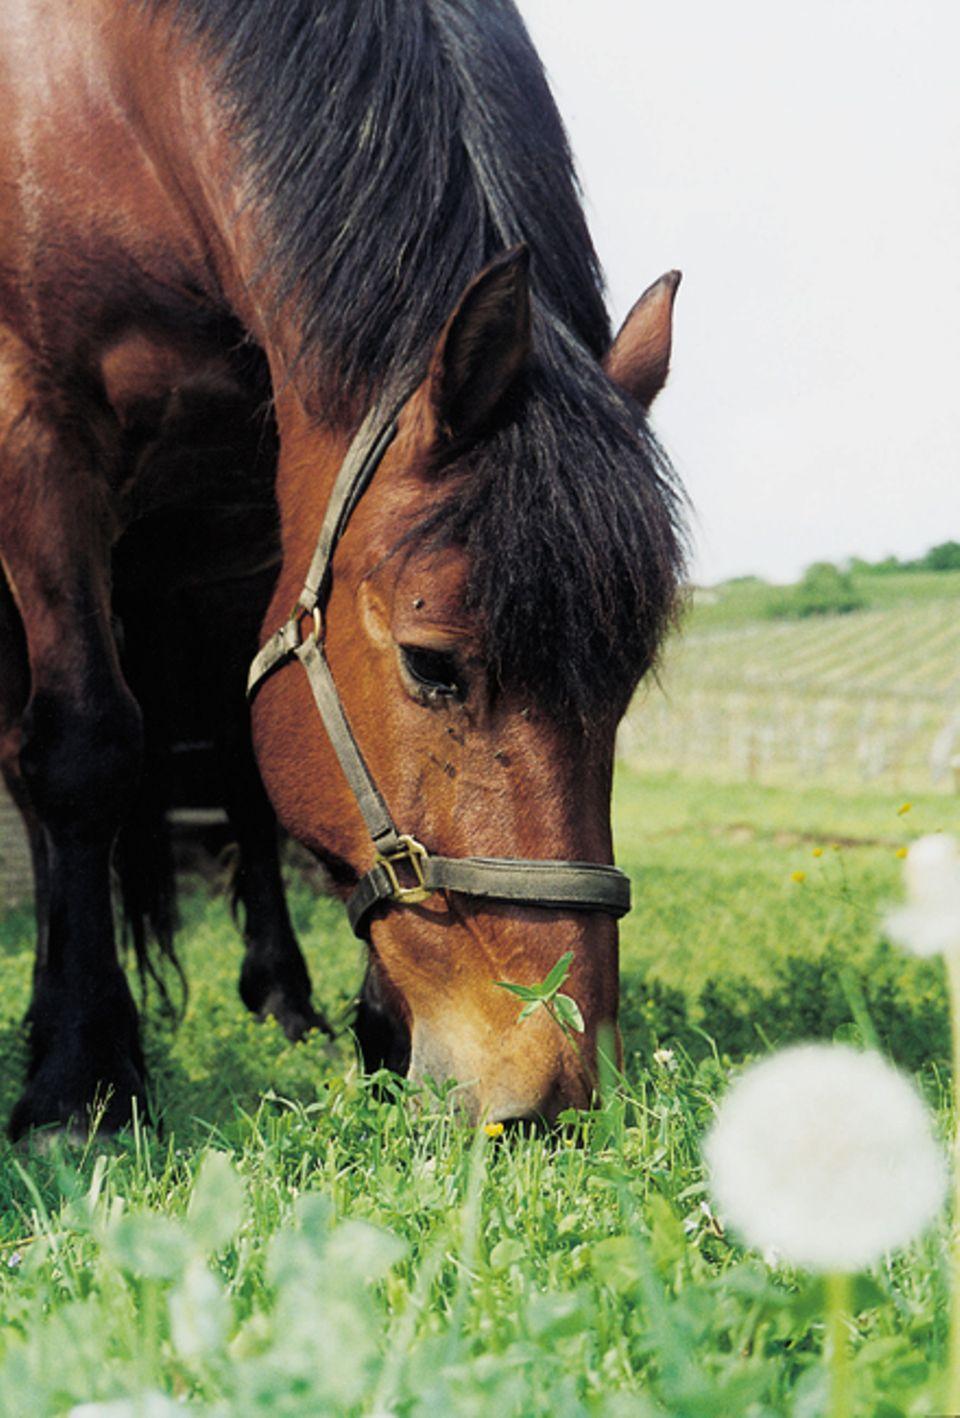 Tiere: Pferde schwirtzen wenn ihnen zu warm ist - das ist wie bei uns Menschen